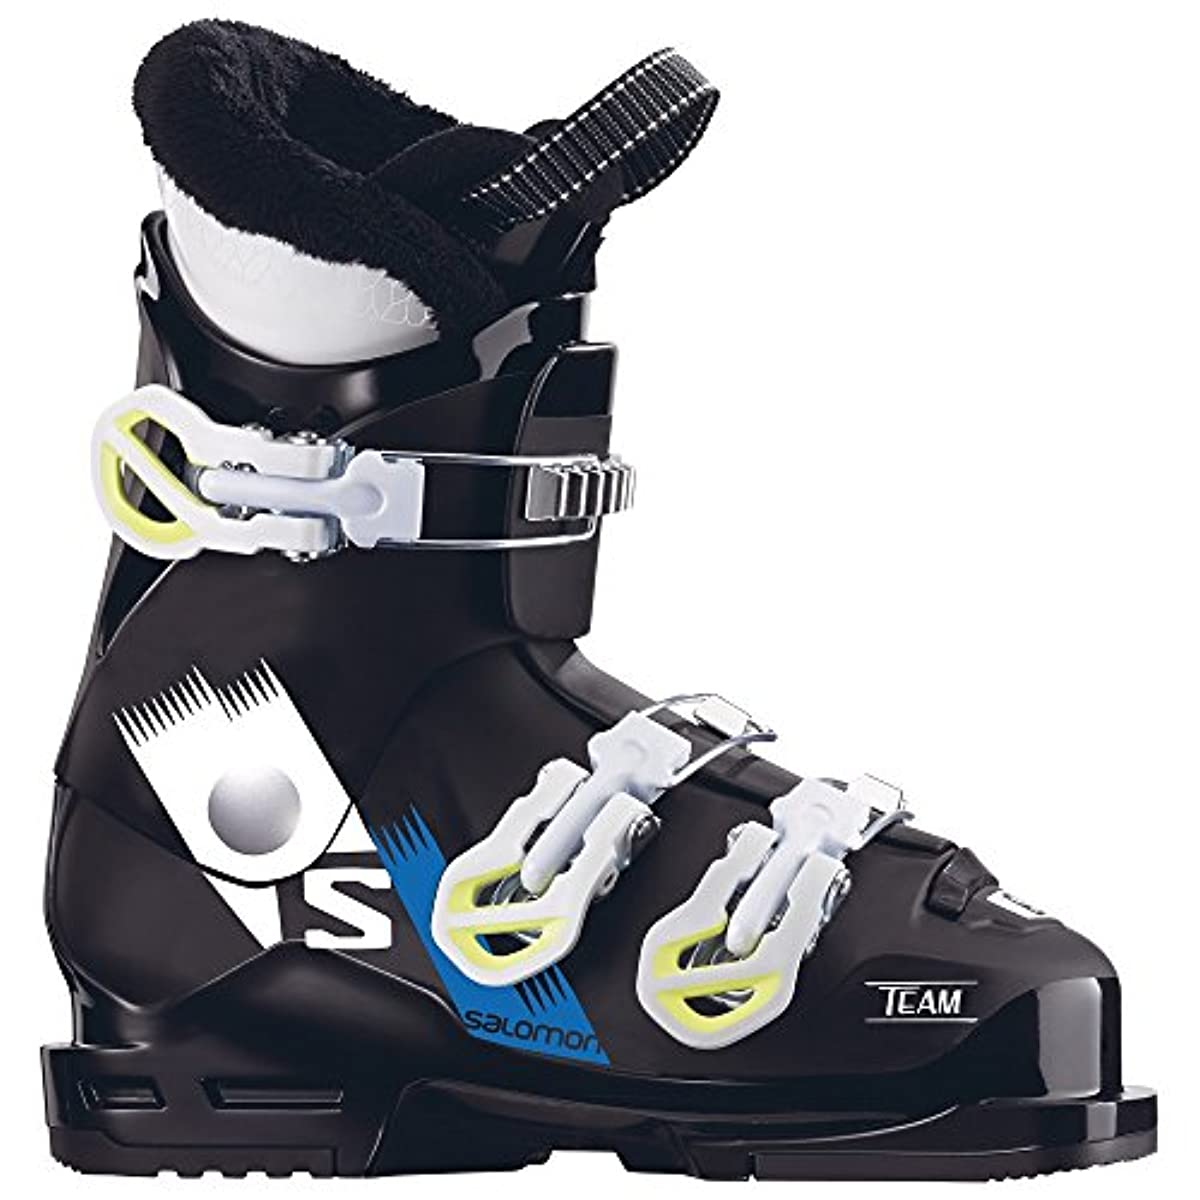 [해외] SALOMON살로몬TEAM T2 쥬니어 스키화 올라운드 L39162000